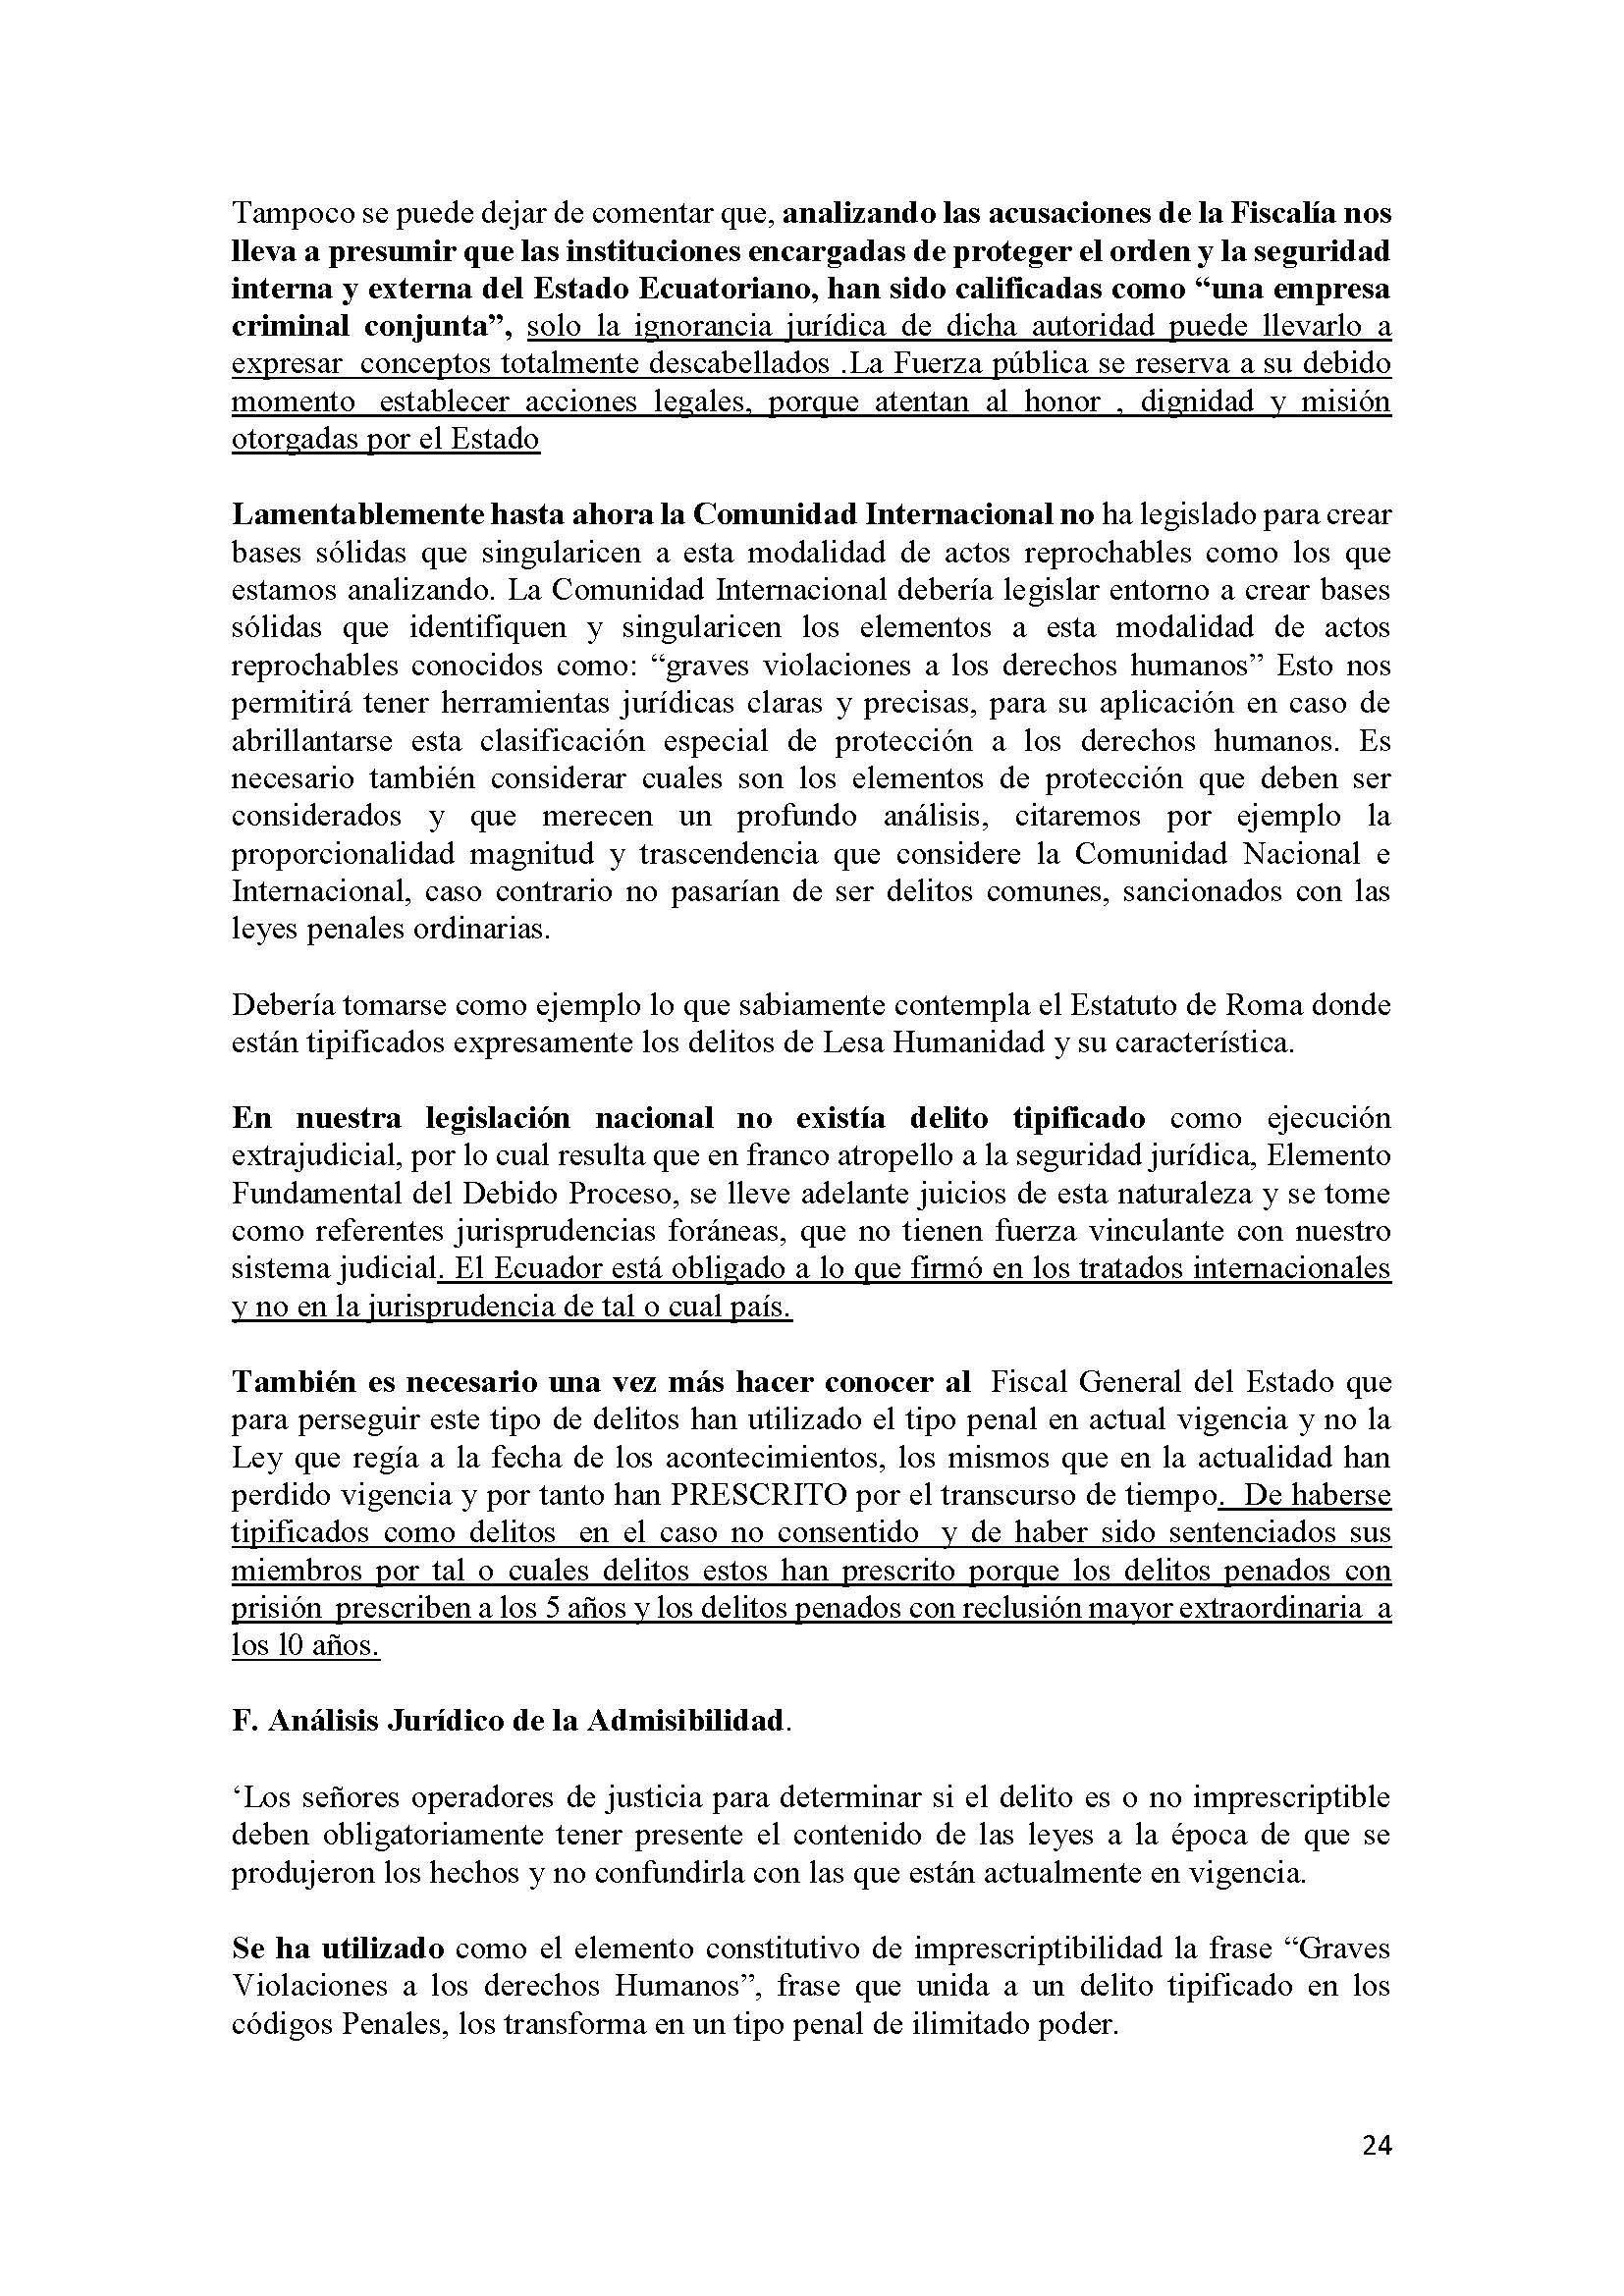 INFORME PARA EL SR. PRESIDENTE DE LA REPUBLICA DEL ECUADOR LIC. LENIN MORENO_Page_24